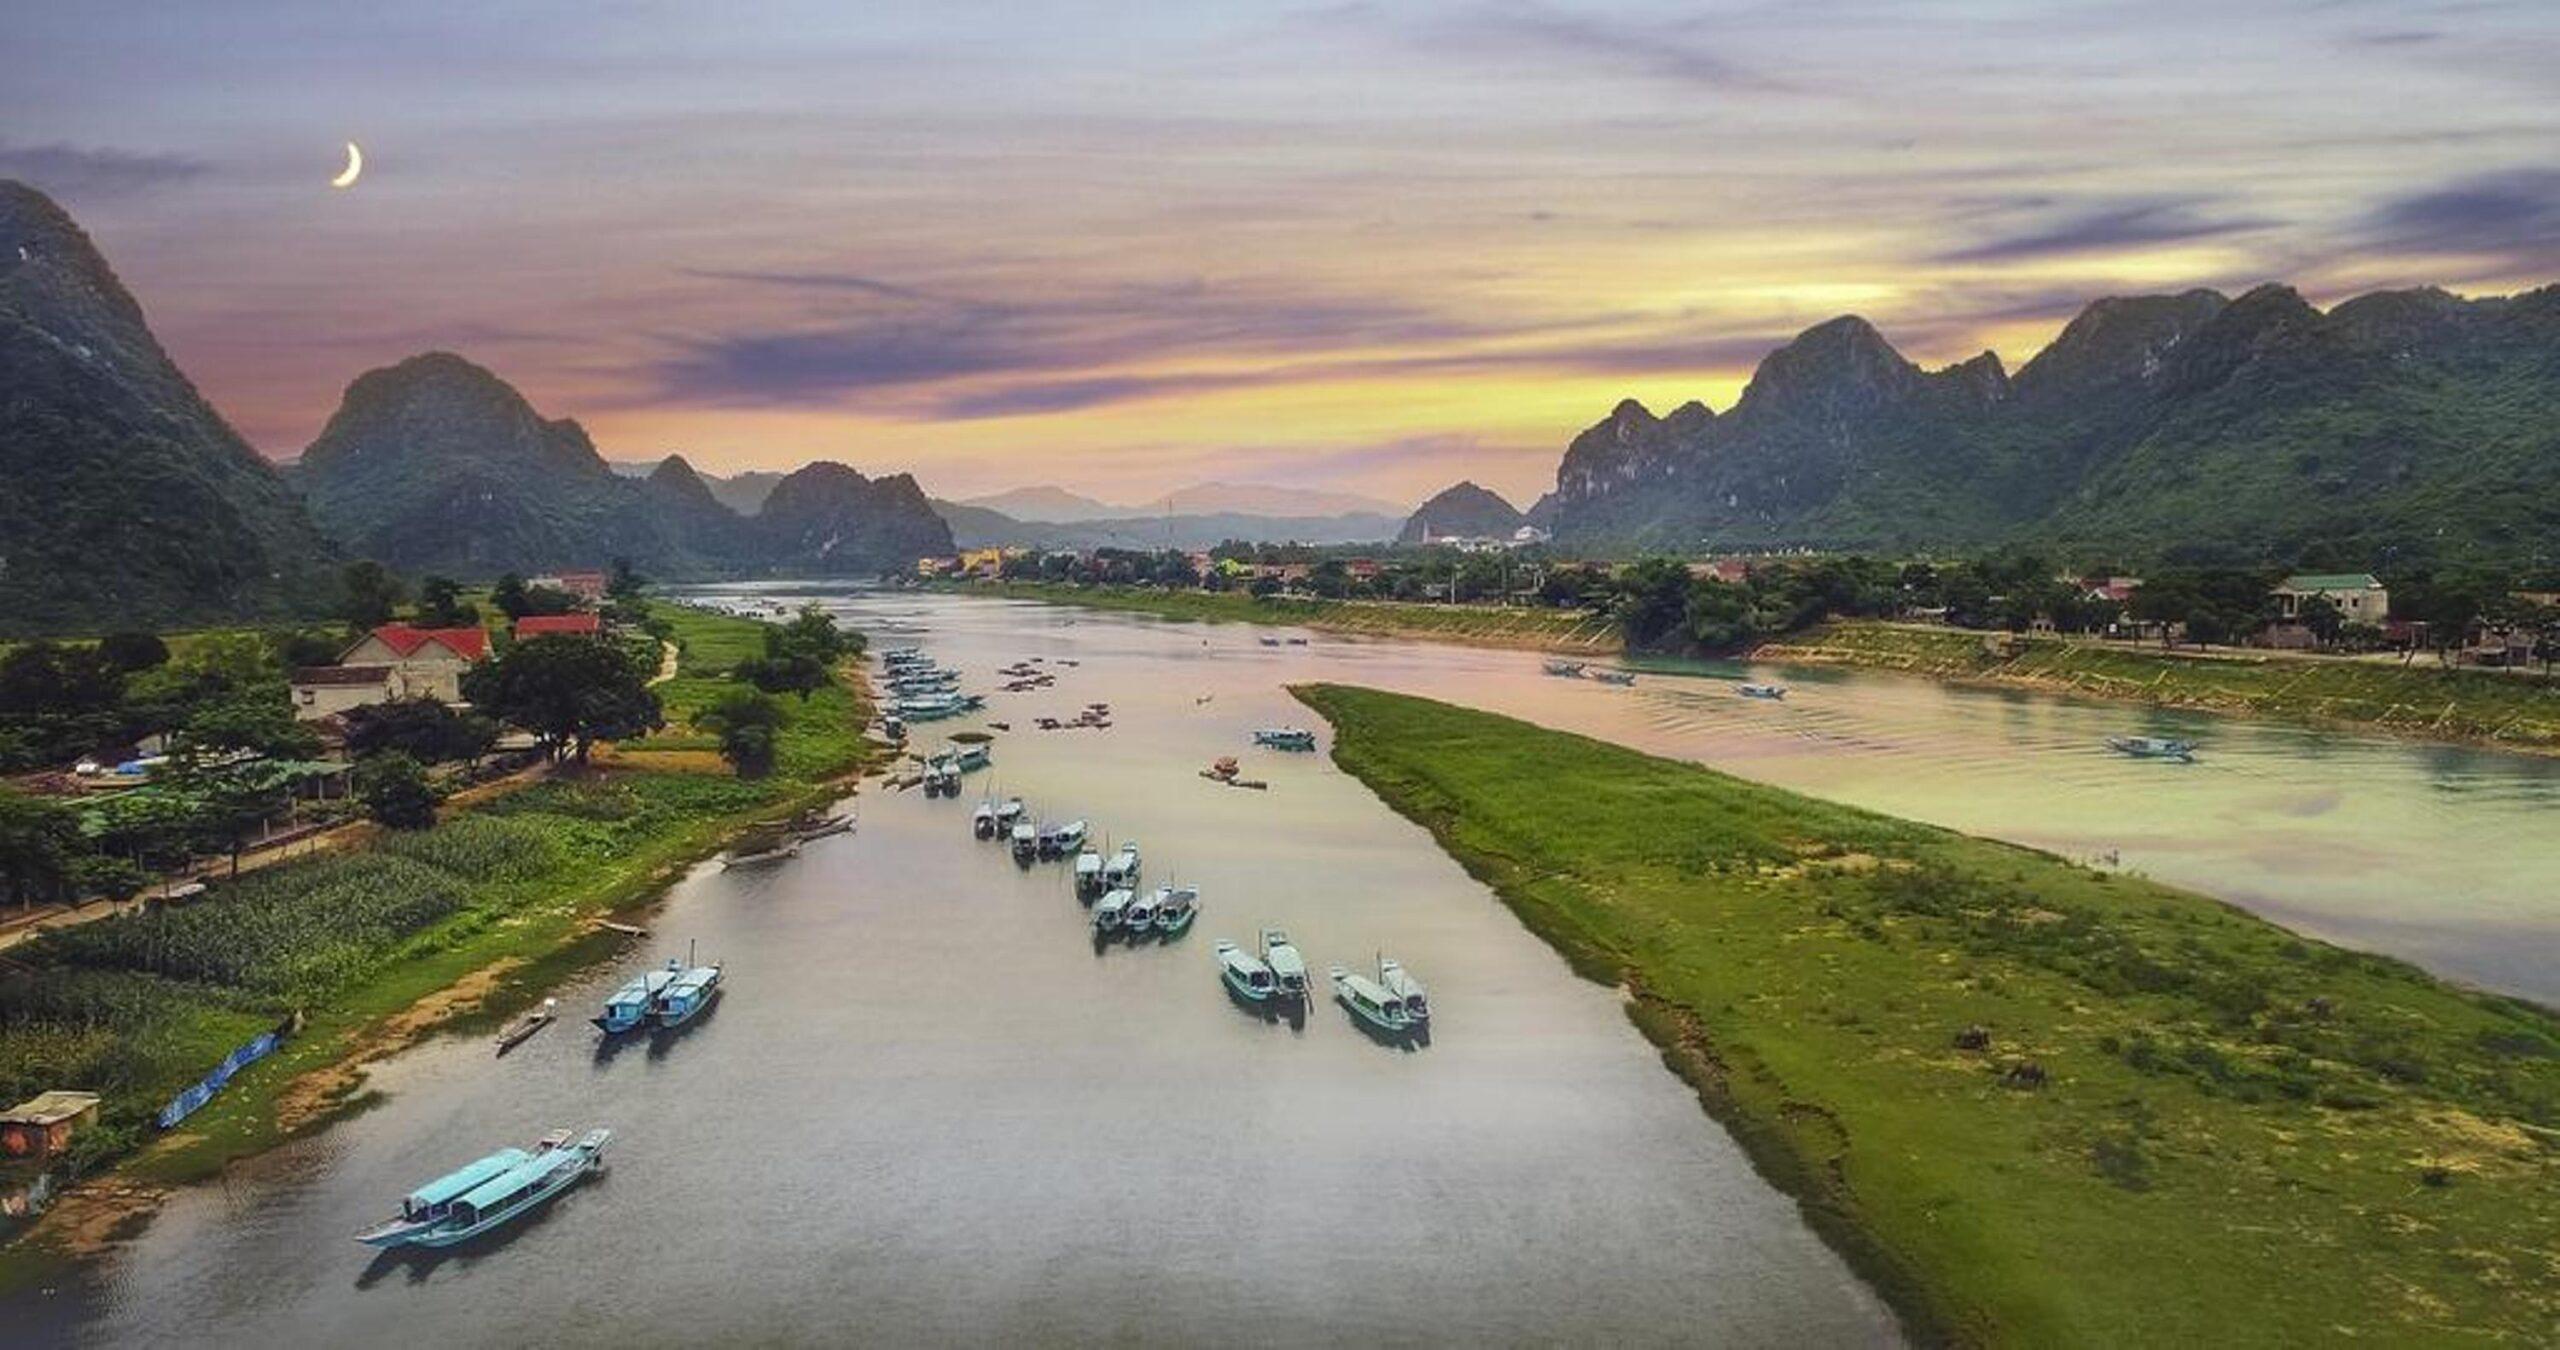 Đi du lịch Quảng Bình vào mùa khô là lựa chọn thích hợp nhất